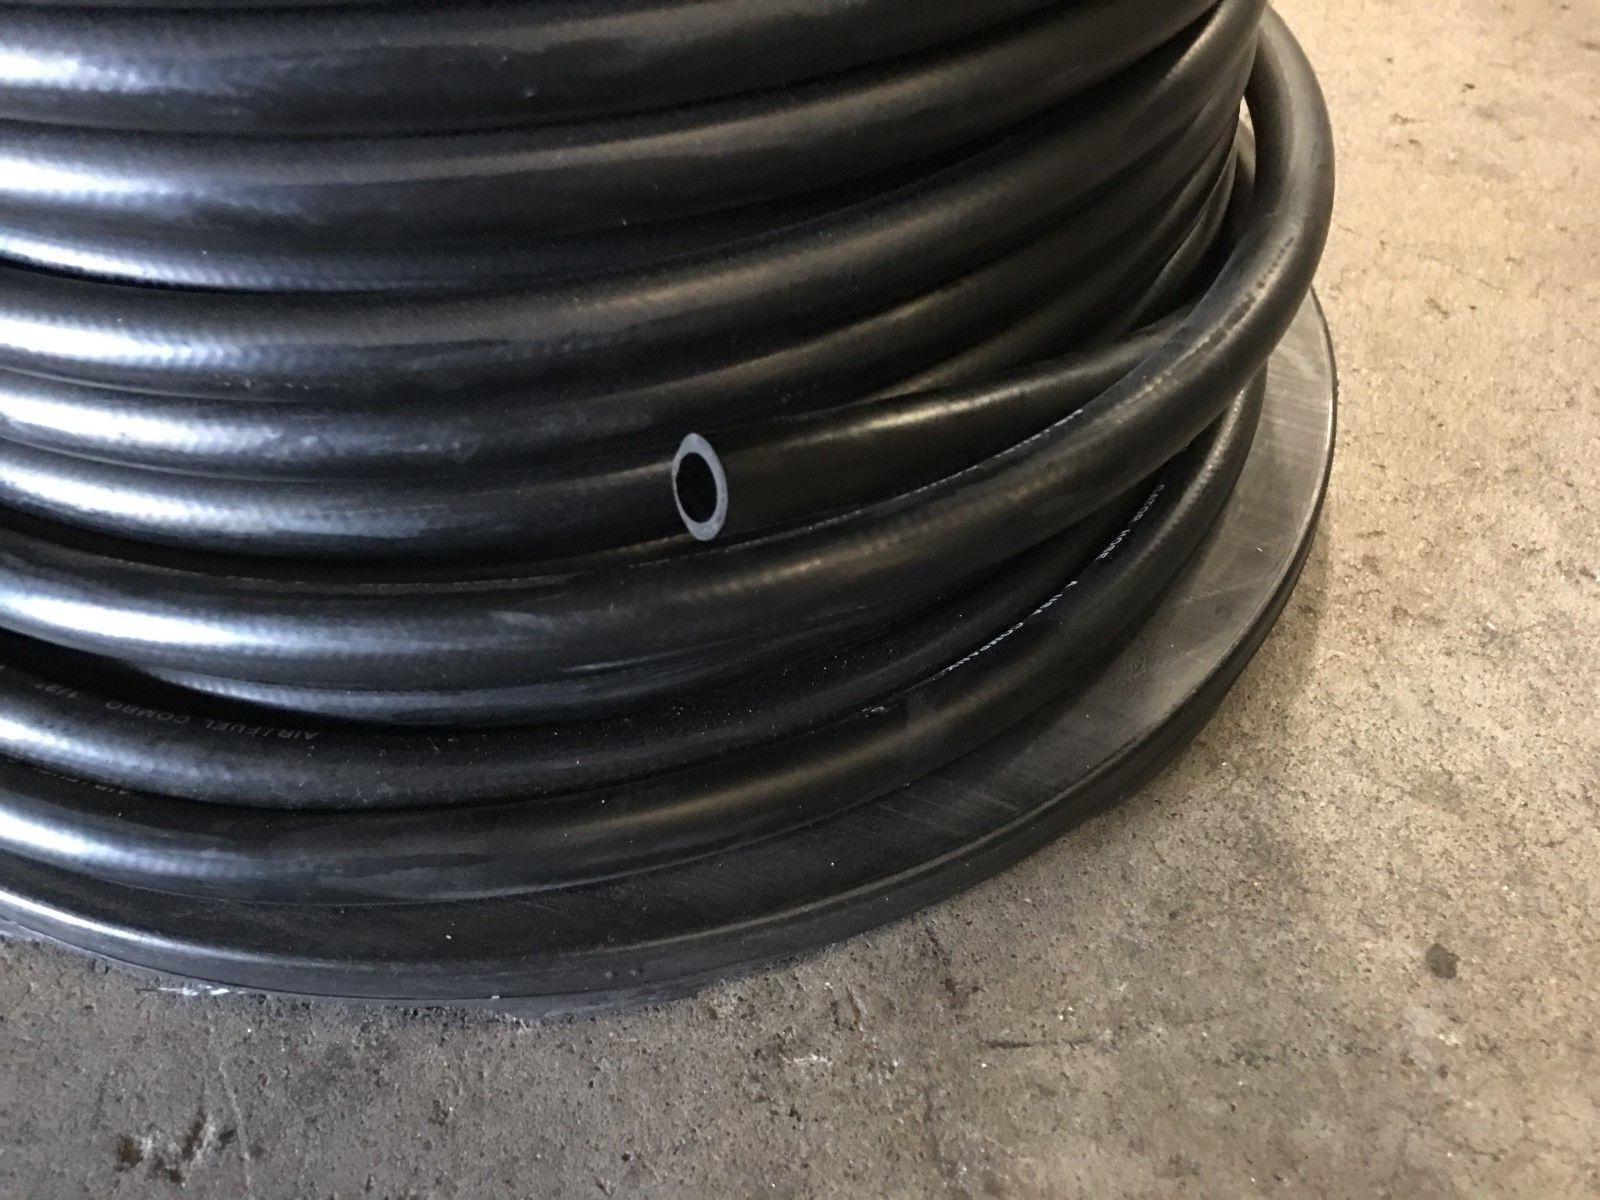 Drahtseil verzinkt 10m Zubehörteile Stahlseil Seil Kauschen Klemmen 100m